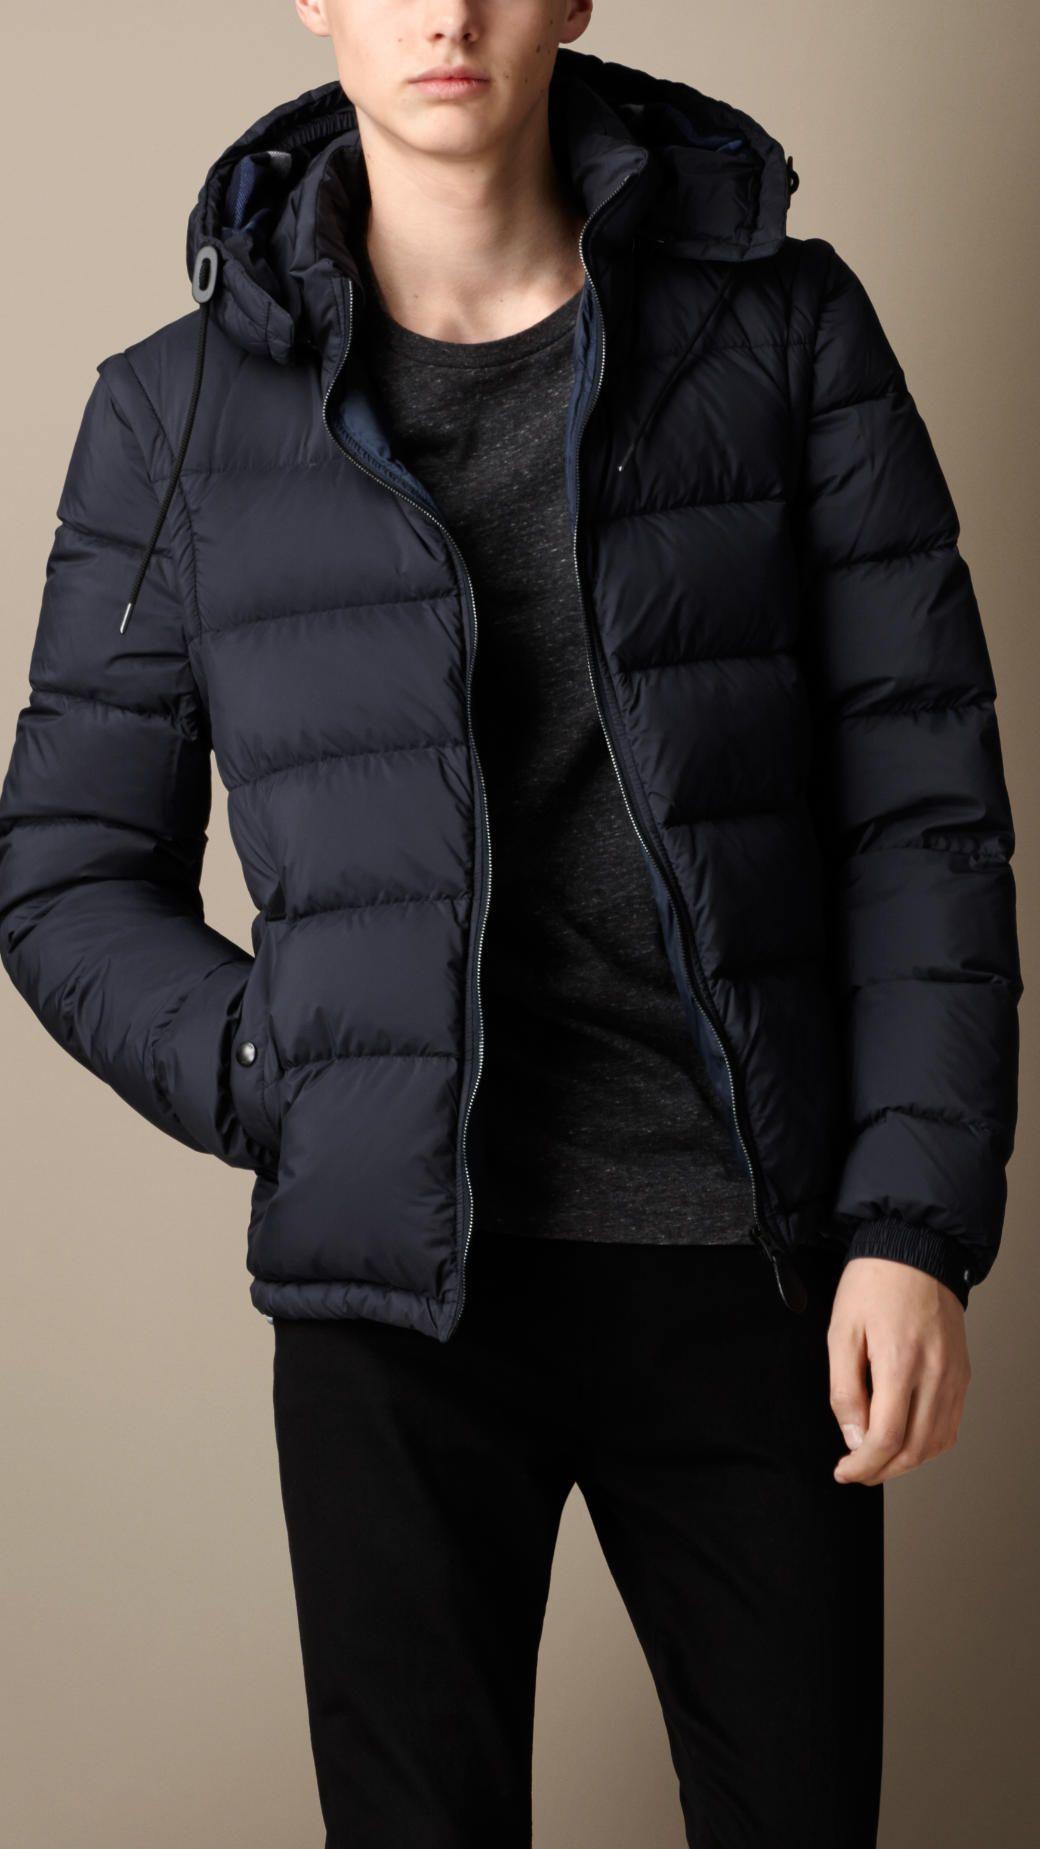 Manteaux & vestes pour homme | Burberry | DressBoys in 2019